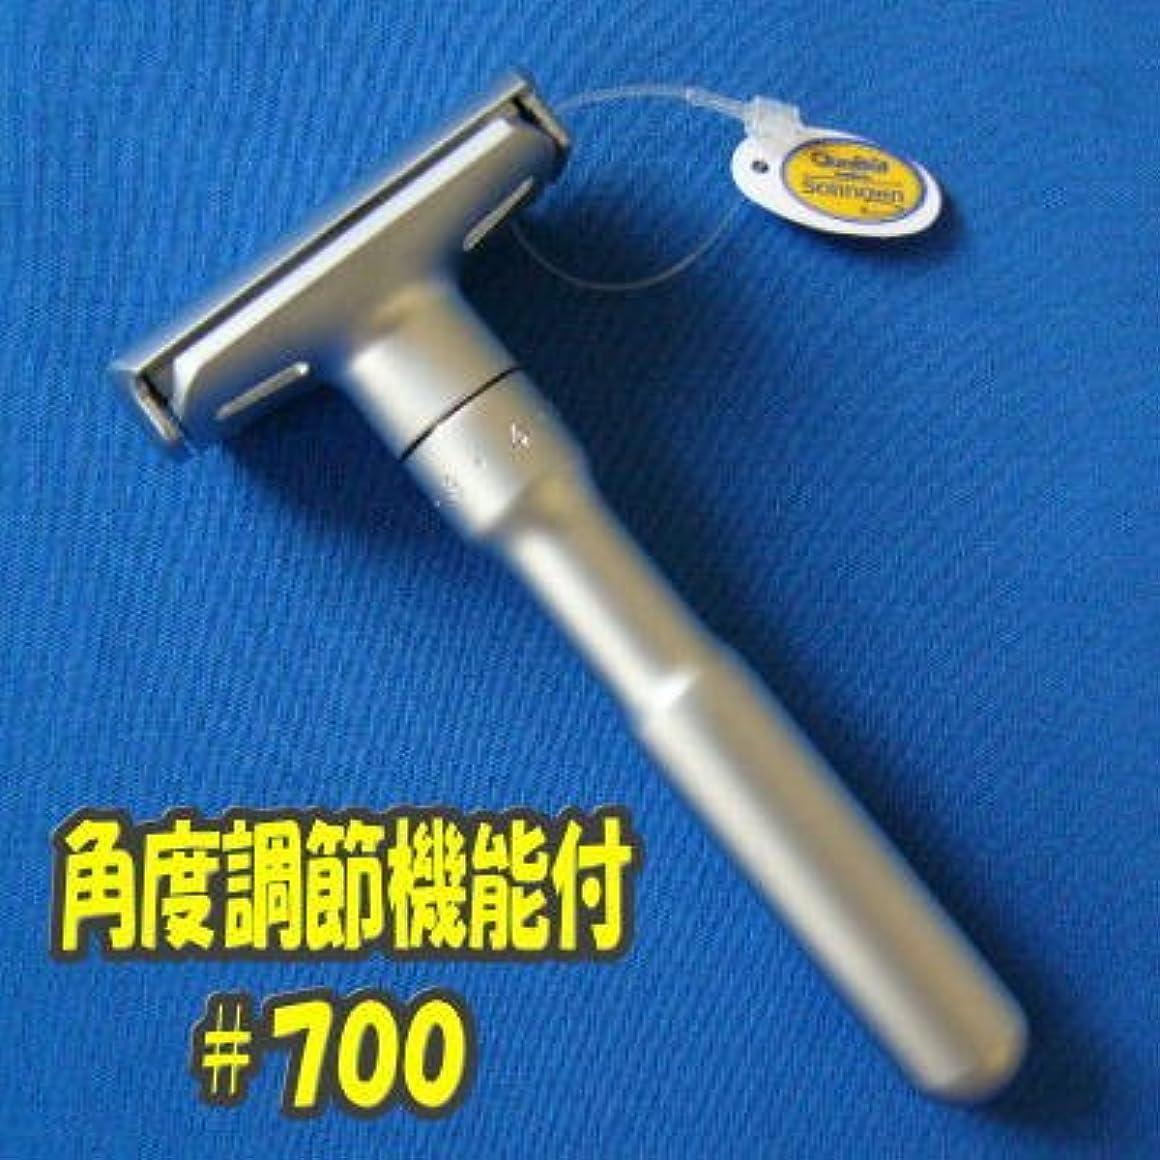 おとこ補充性交メルクール髭剃り(ひげそり)700 FUTUR(フューチャー) ツヤ消し(専用革ケース付)